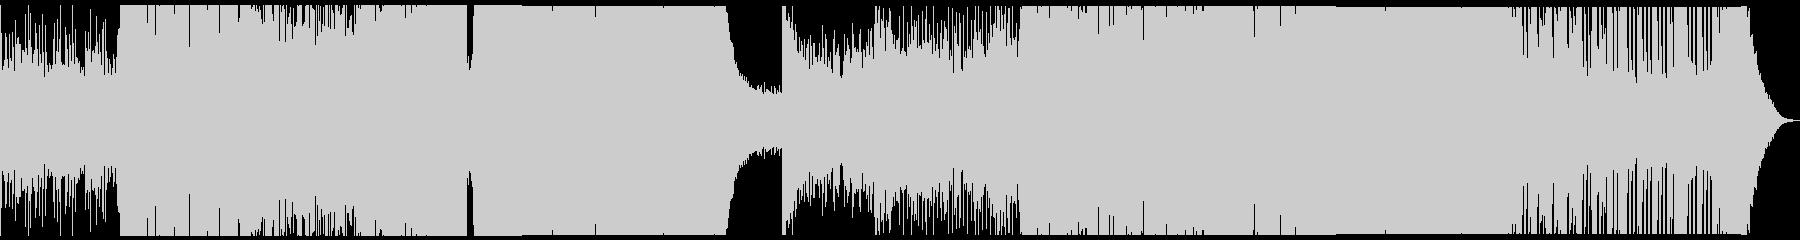 リズム感のあるBIG ROOM EDMの未再生の波形